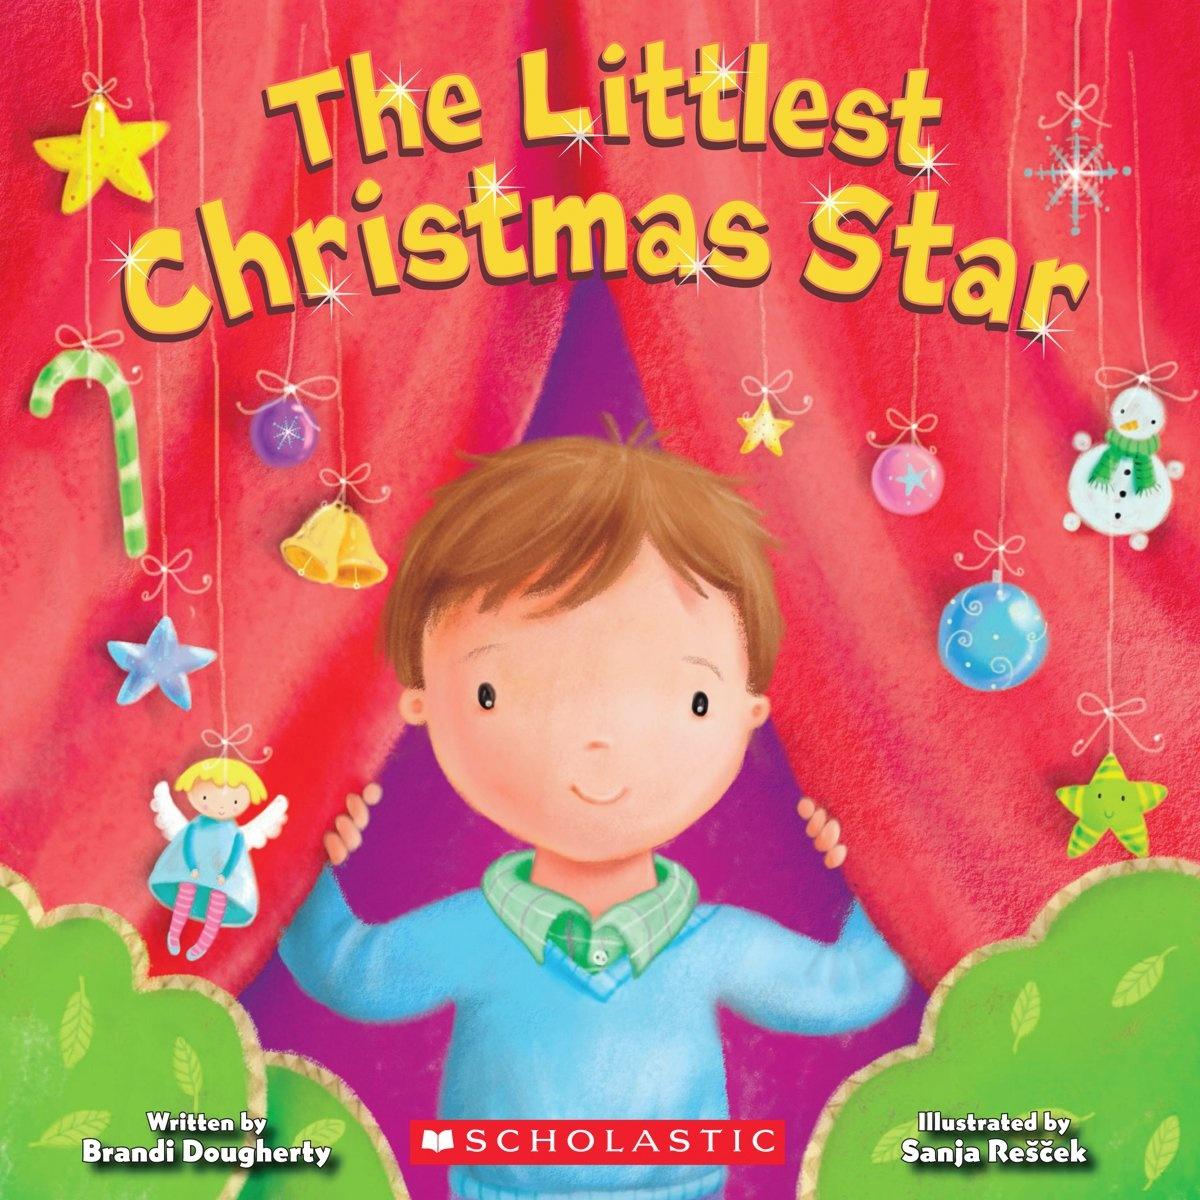 http://1.bp.blogspot.com/_Ka-bjXloppc/TP7uFlMKFjI/AAAAAAAAAgk/ZEUv_Frbgwc/s1600/Christmas%2BStar%2Bcover.jpg